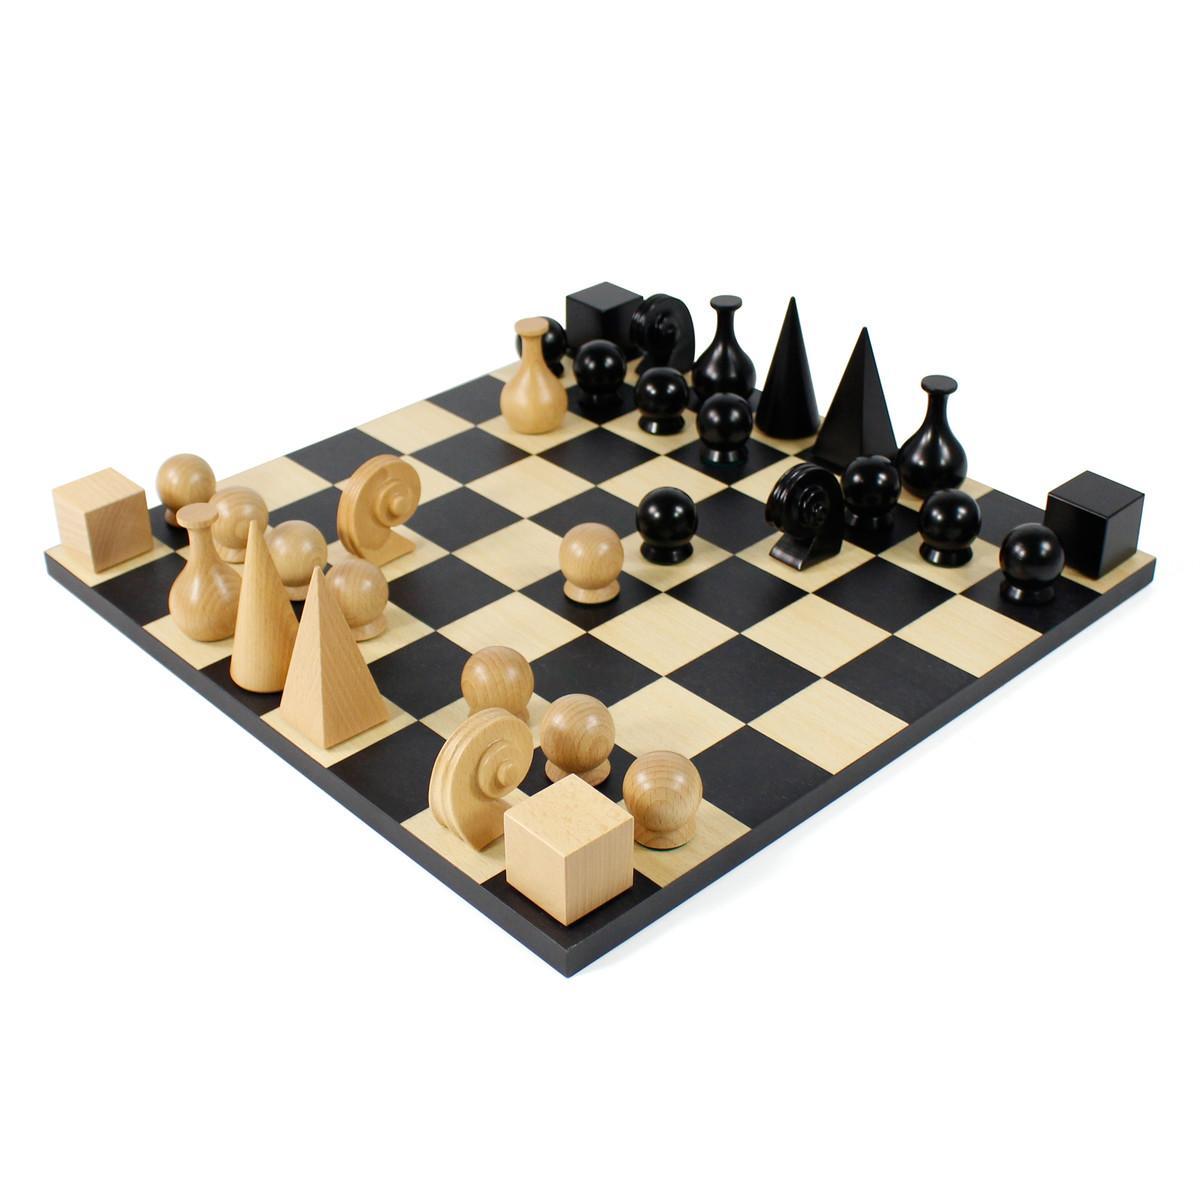 MAN RAY Schachspiel komplett mit Spielfiguren, massives Buchenholz